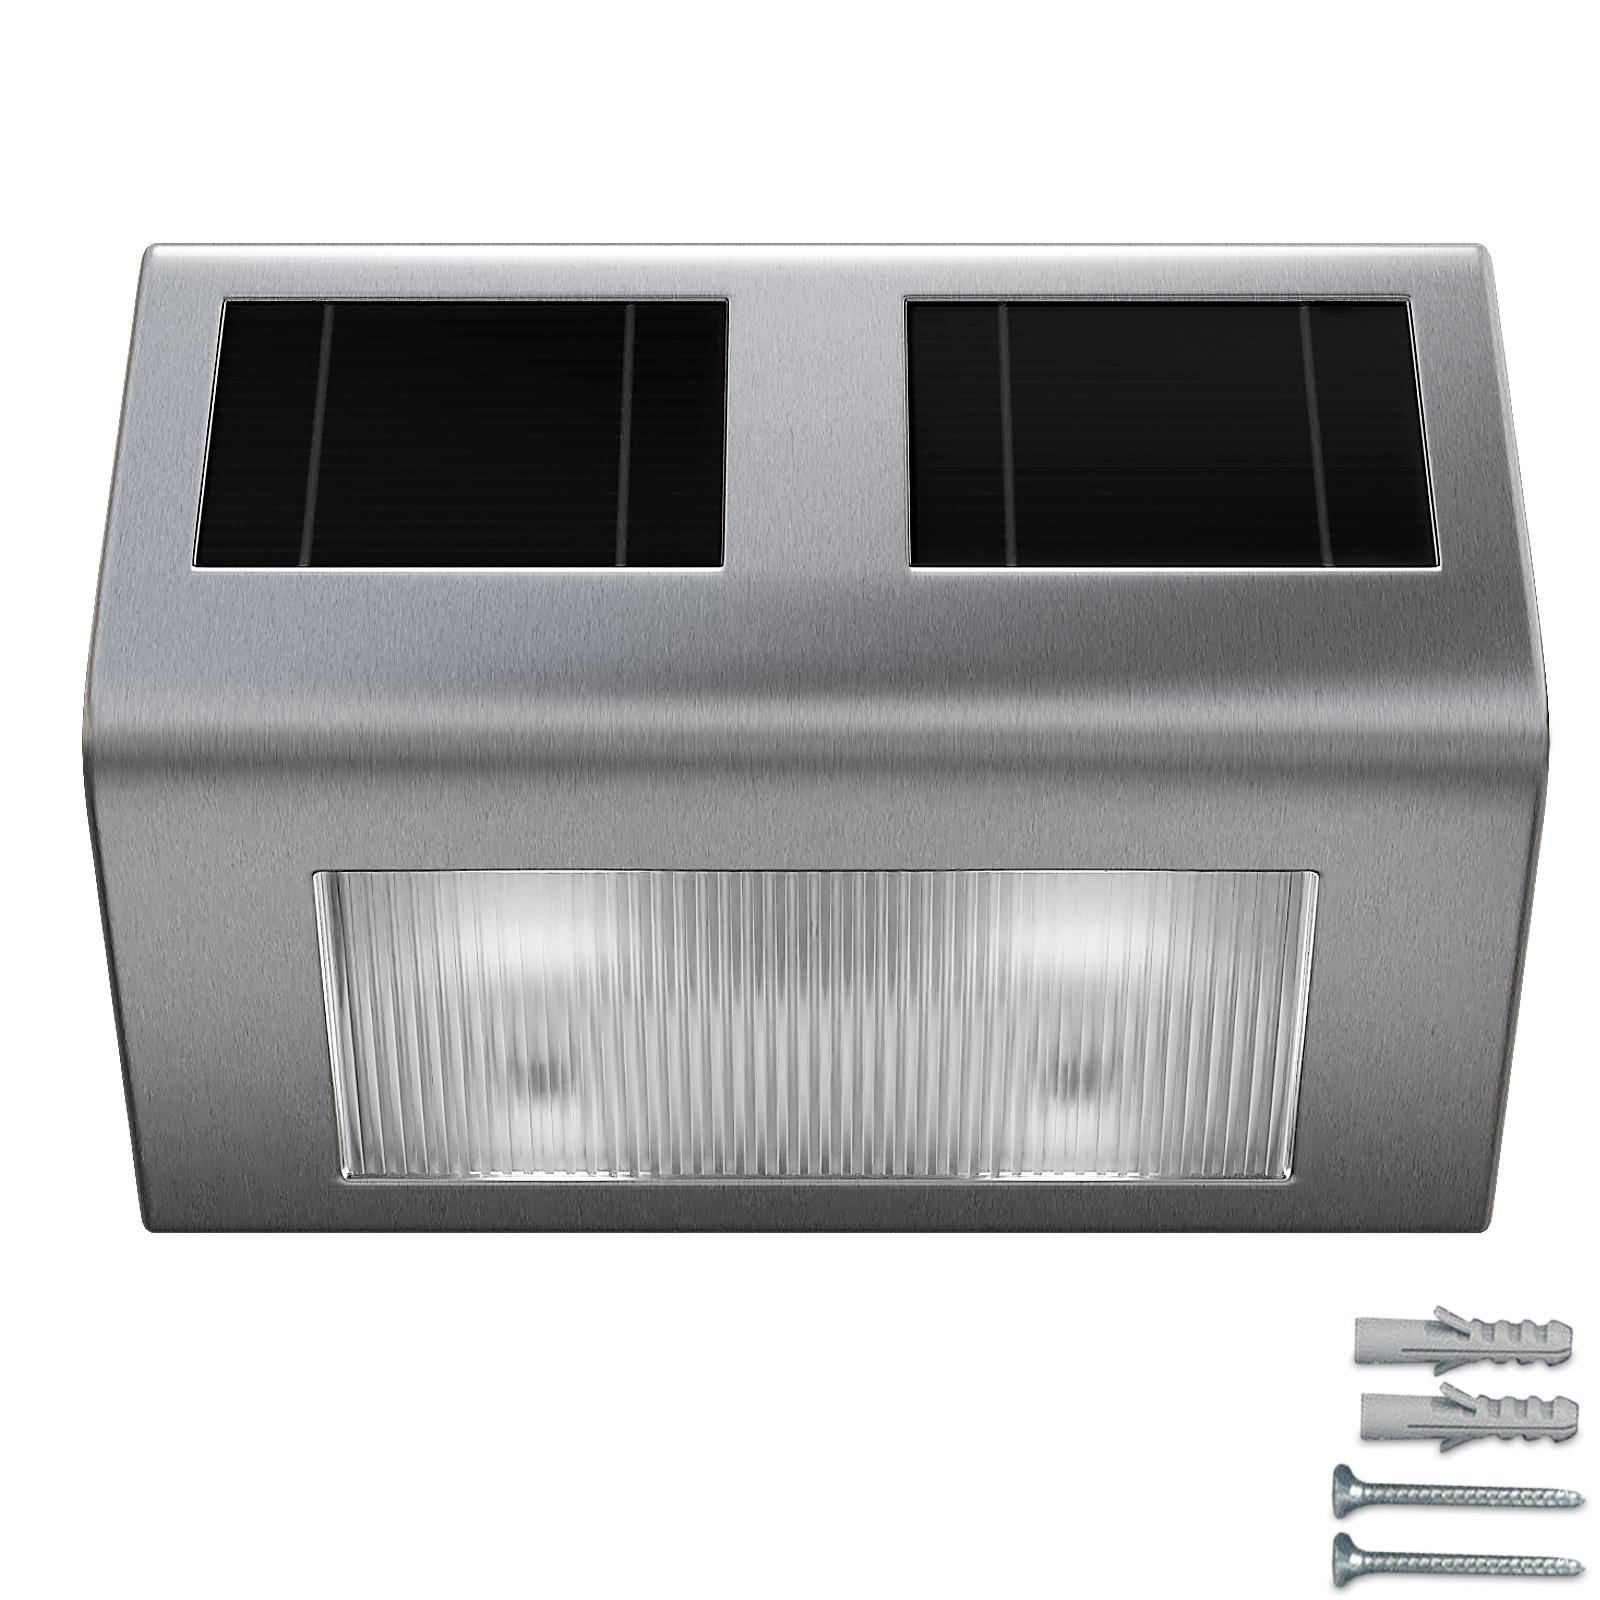 applique lampe murale solaire led lumi re nergie solaire luminaire ext rieur. Black Bedroom Furniture Sets. Home Design Ideas